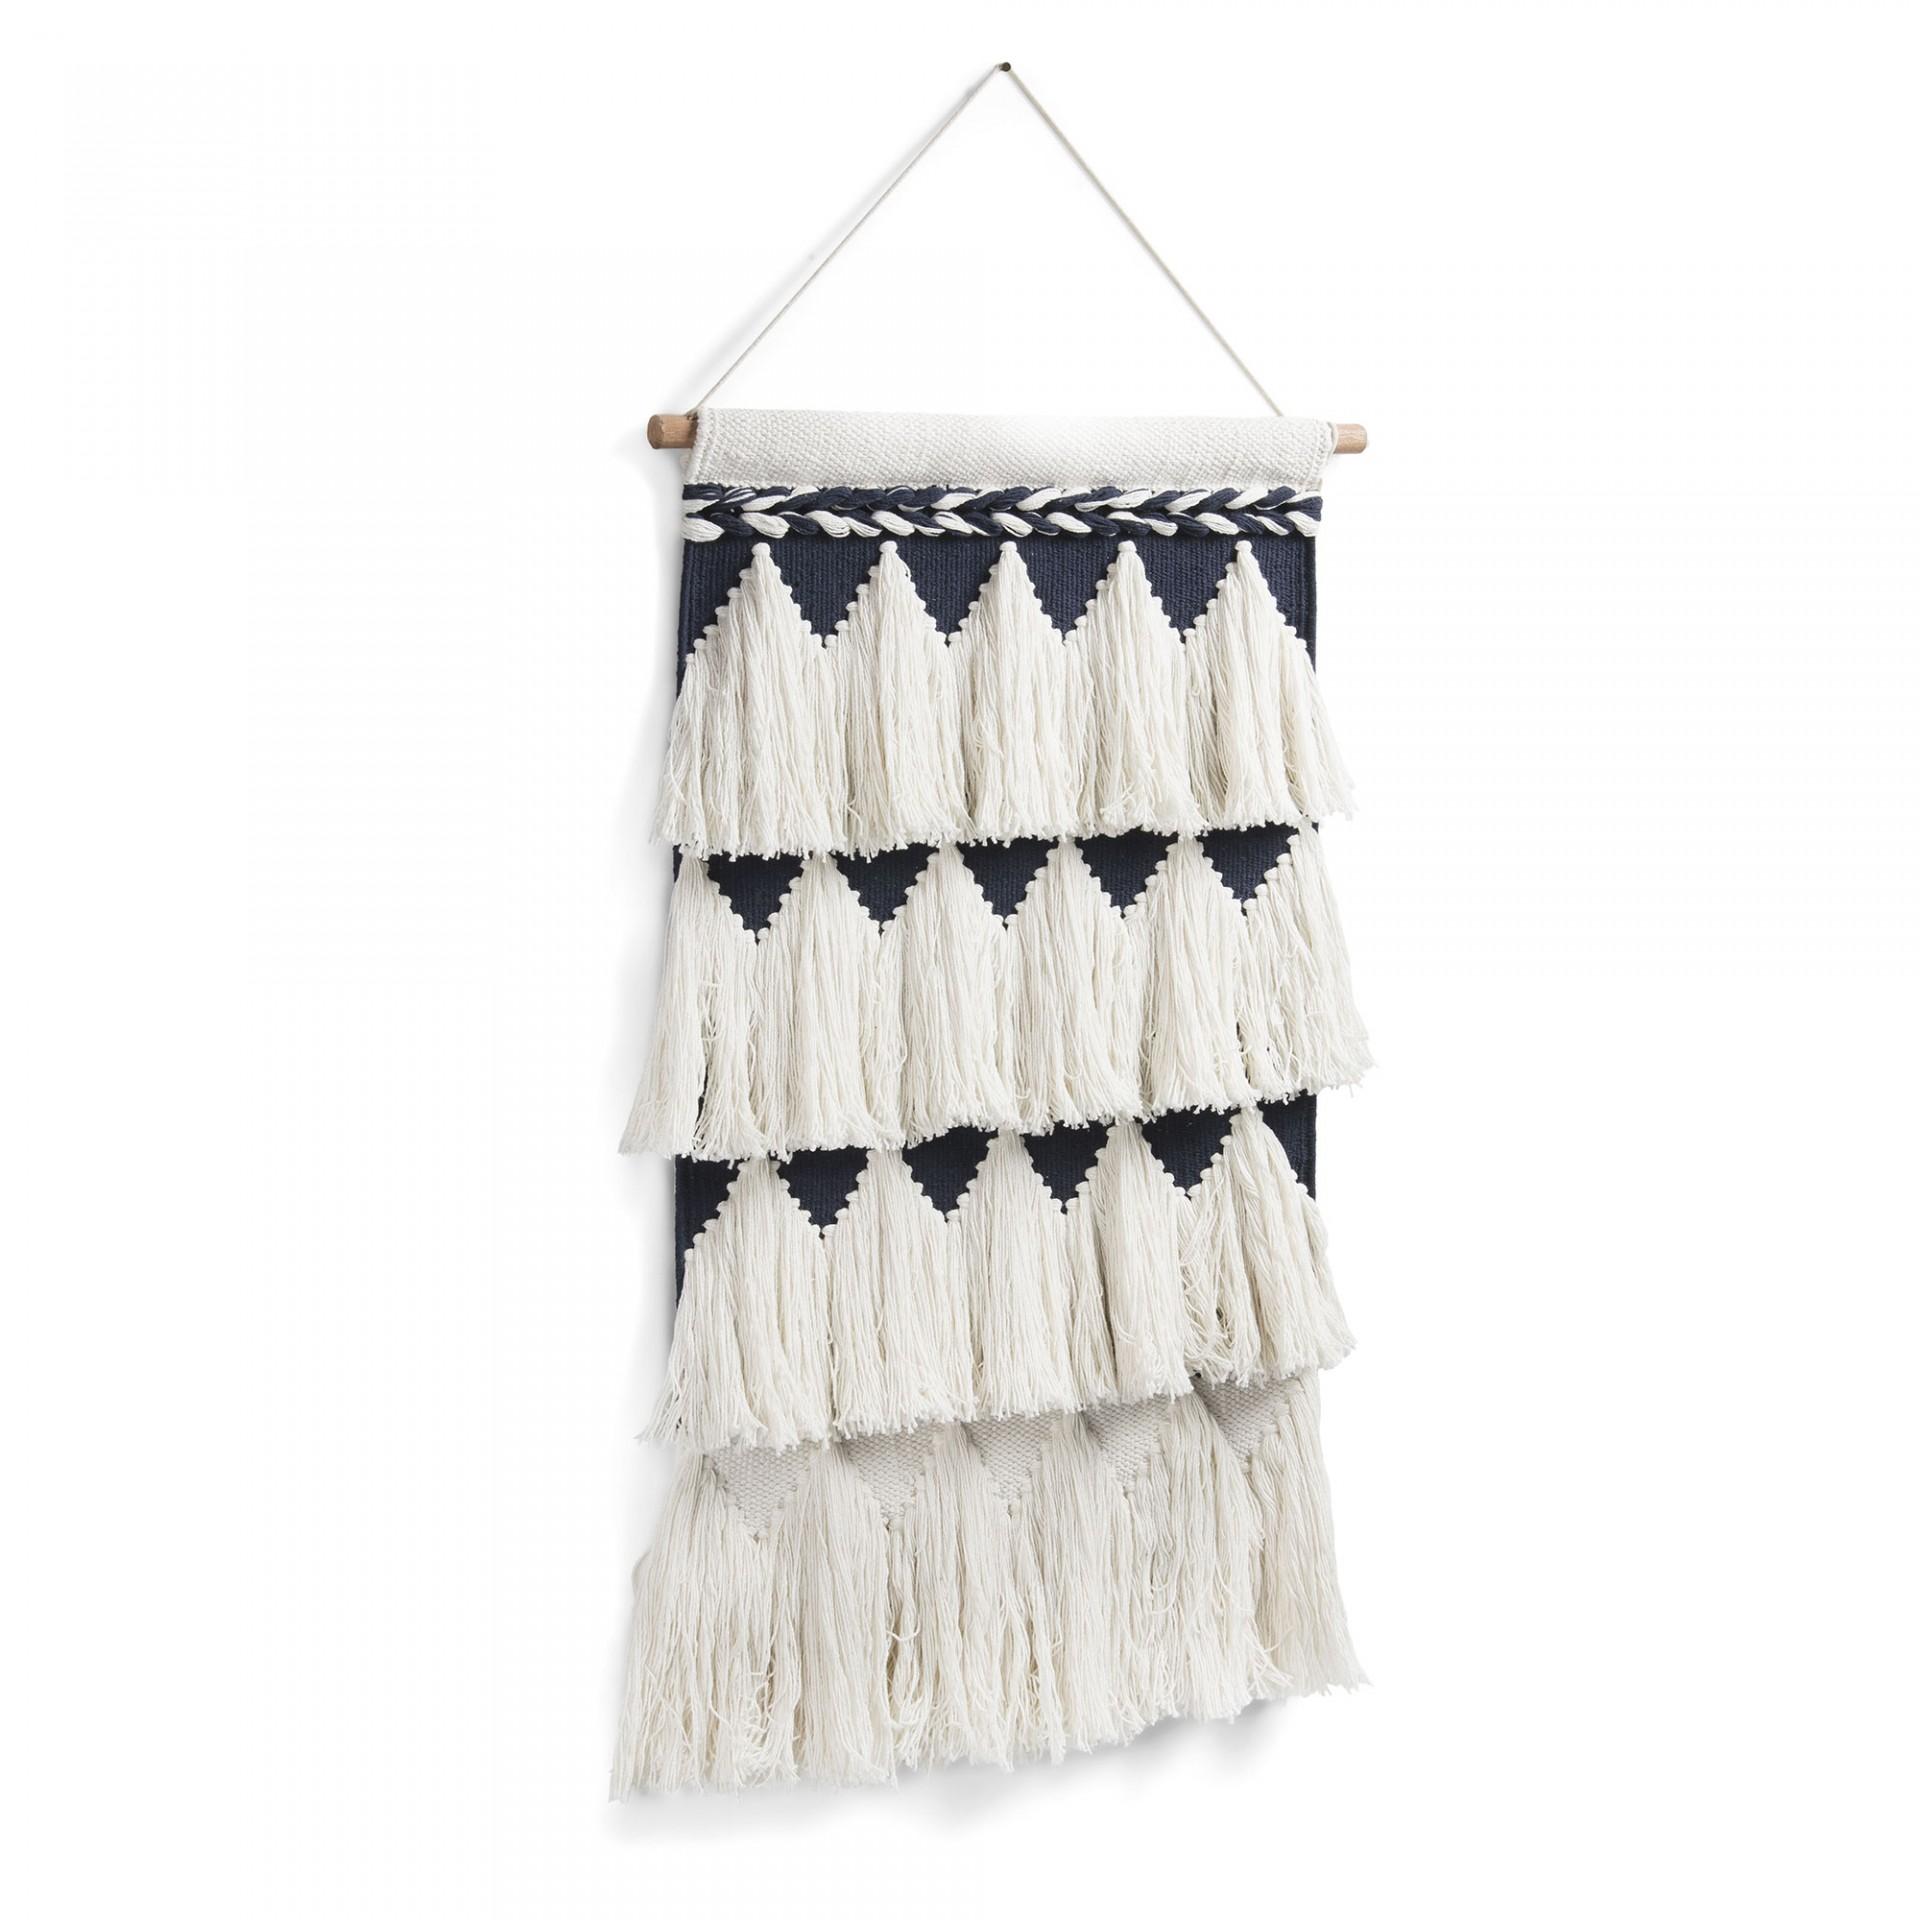 Macramé em lã/algodão, 70x50 cm